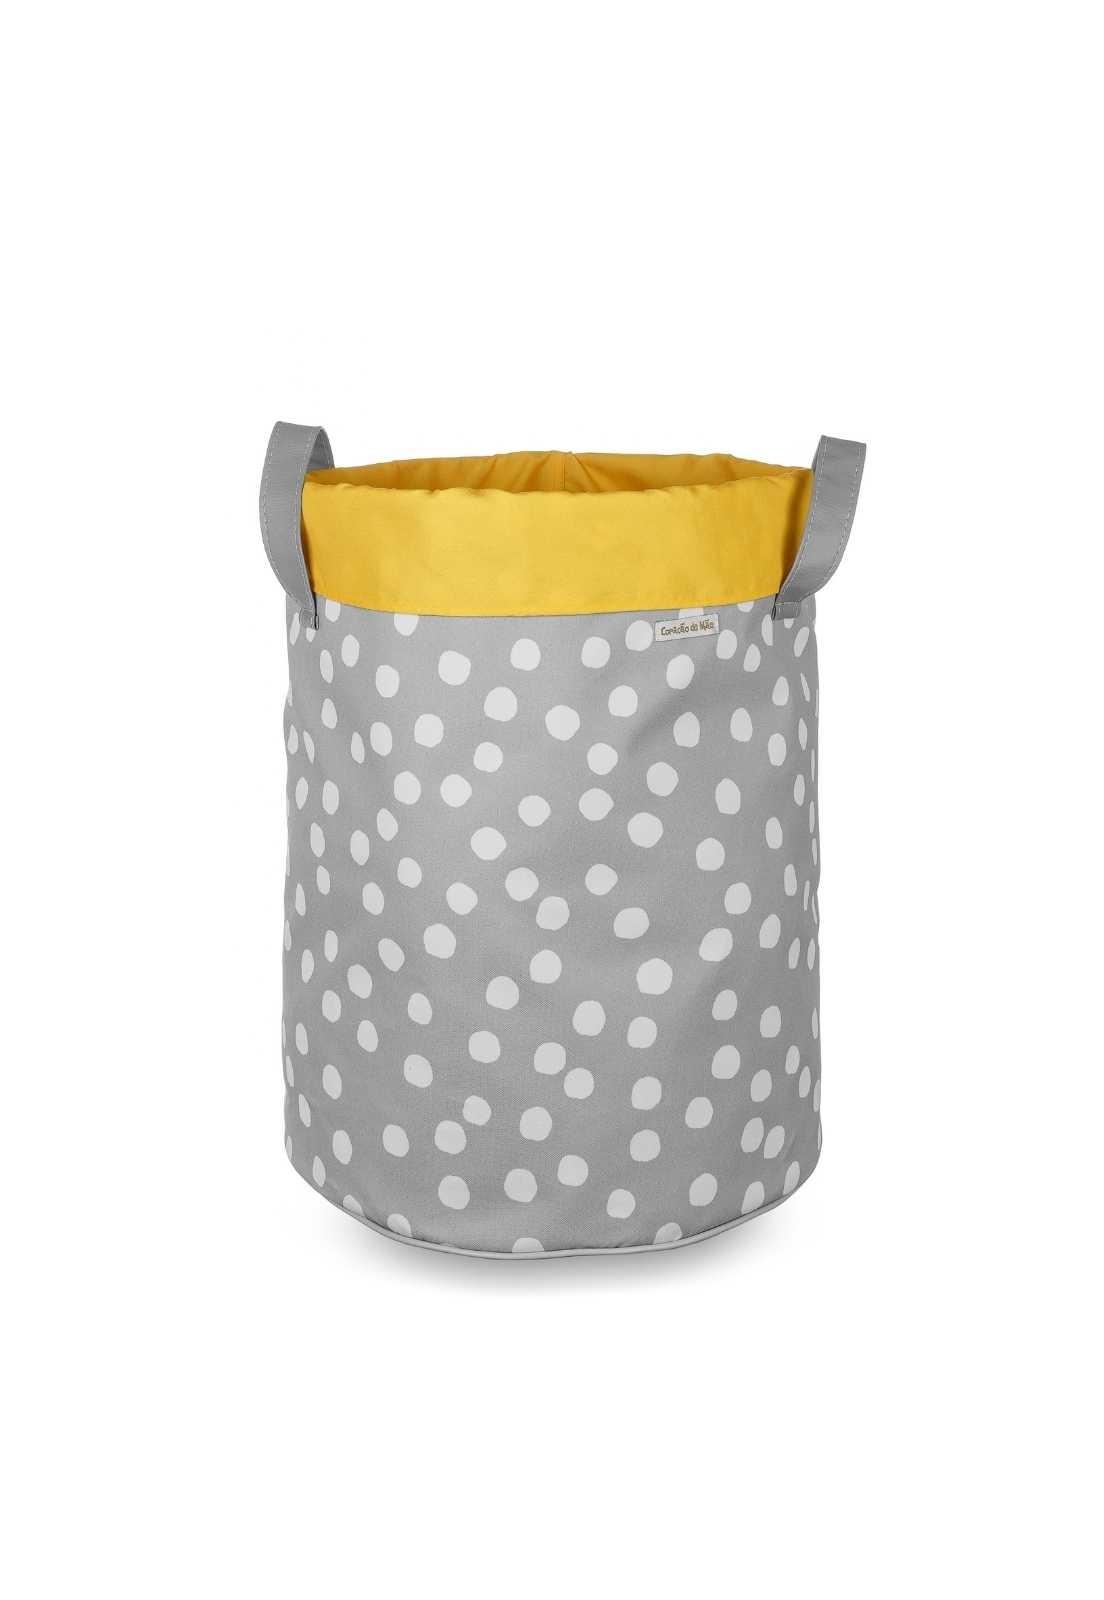 Saco de Brinquedos G com Aba Amarela - Bolinhas Brancas No Fundo Cinza